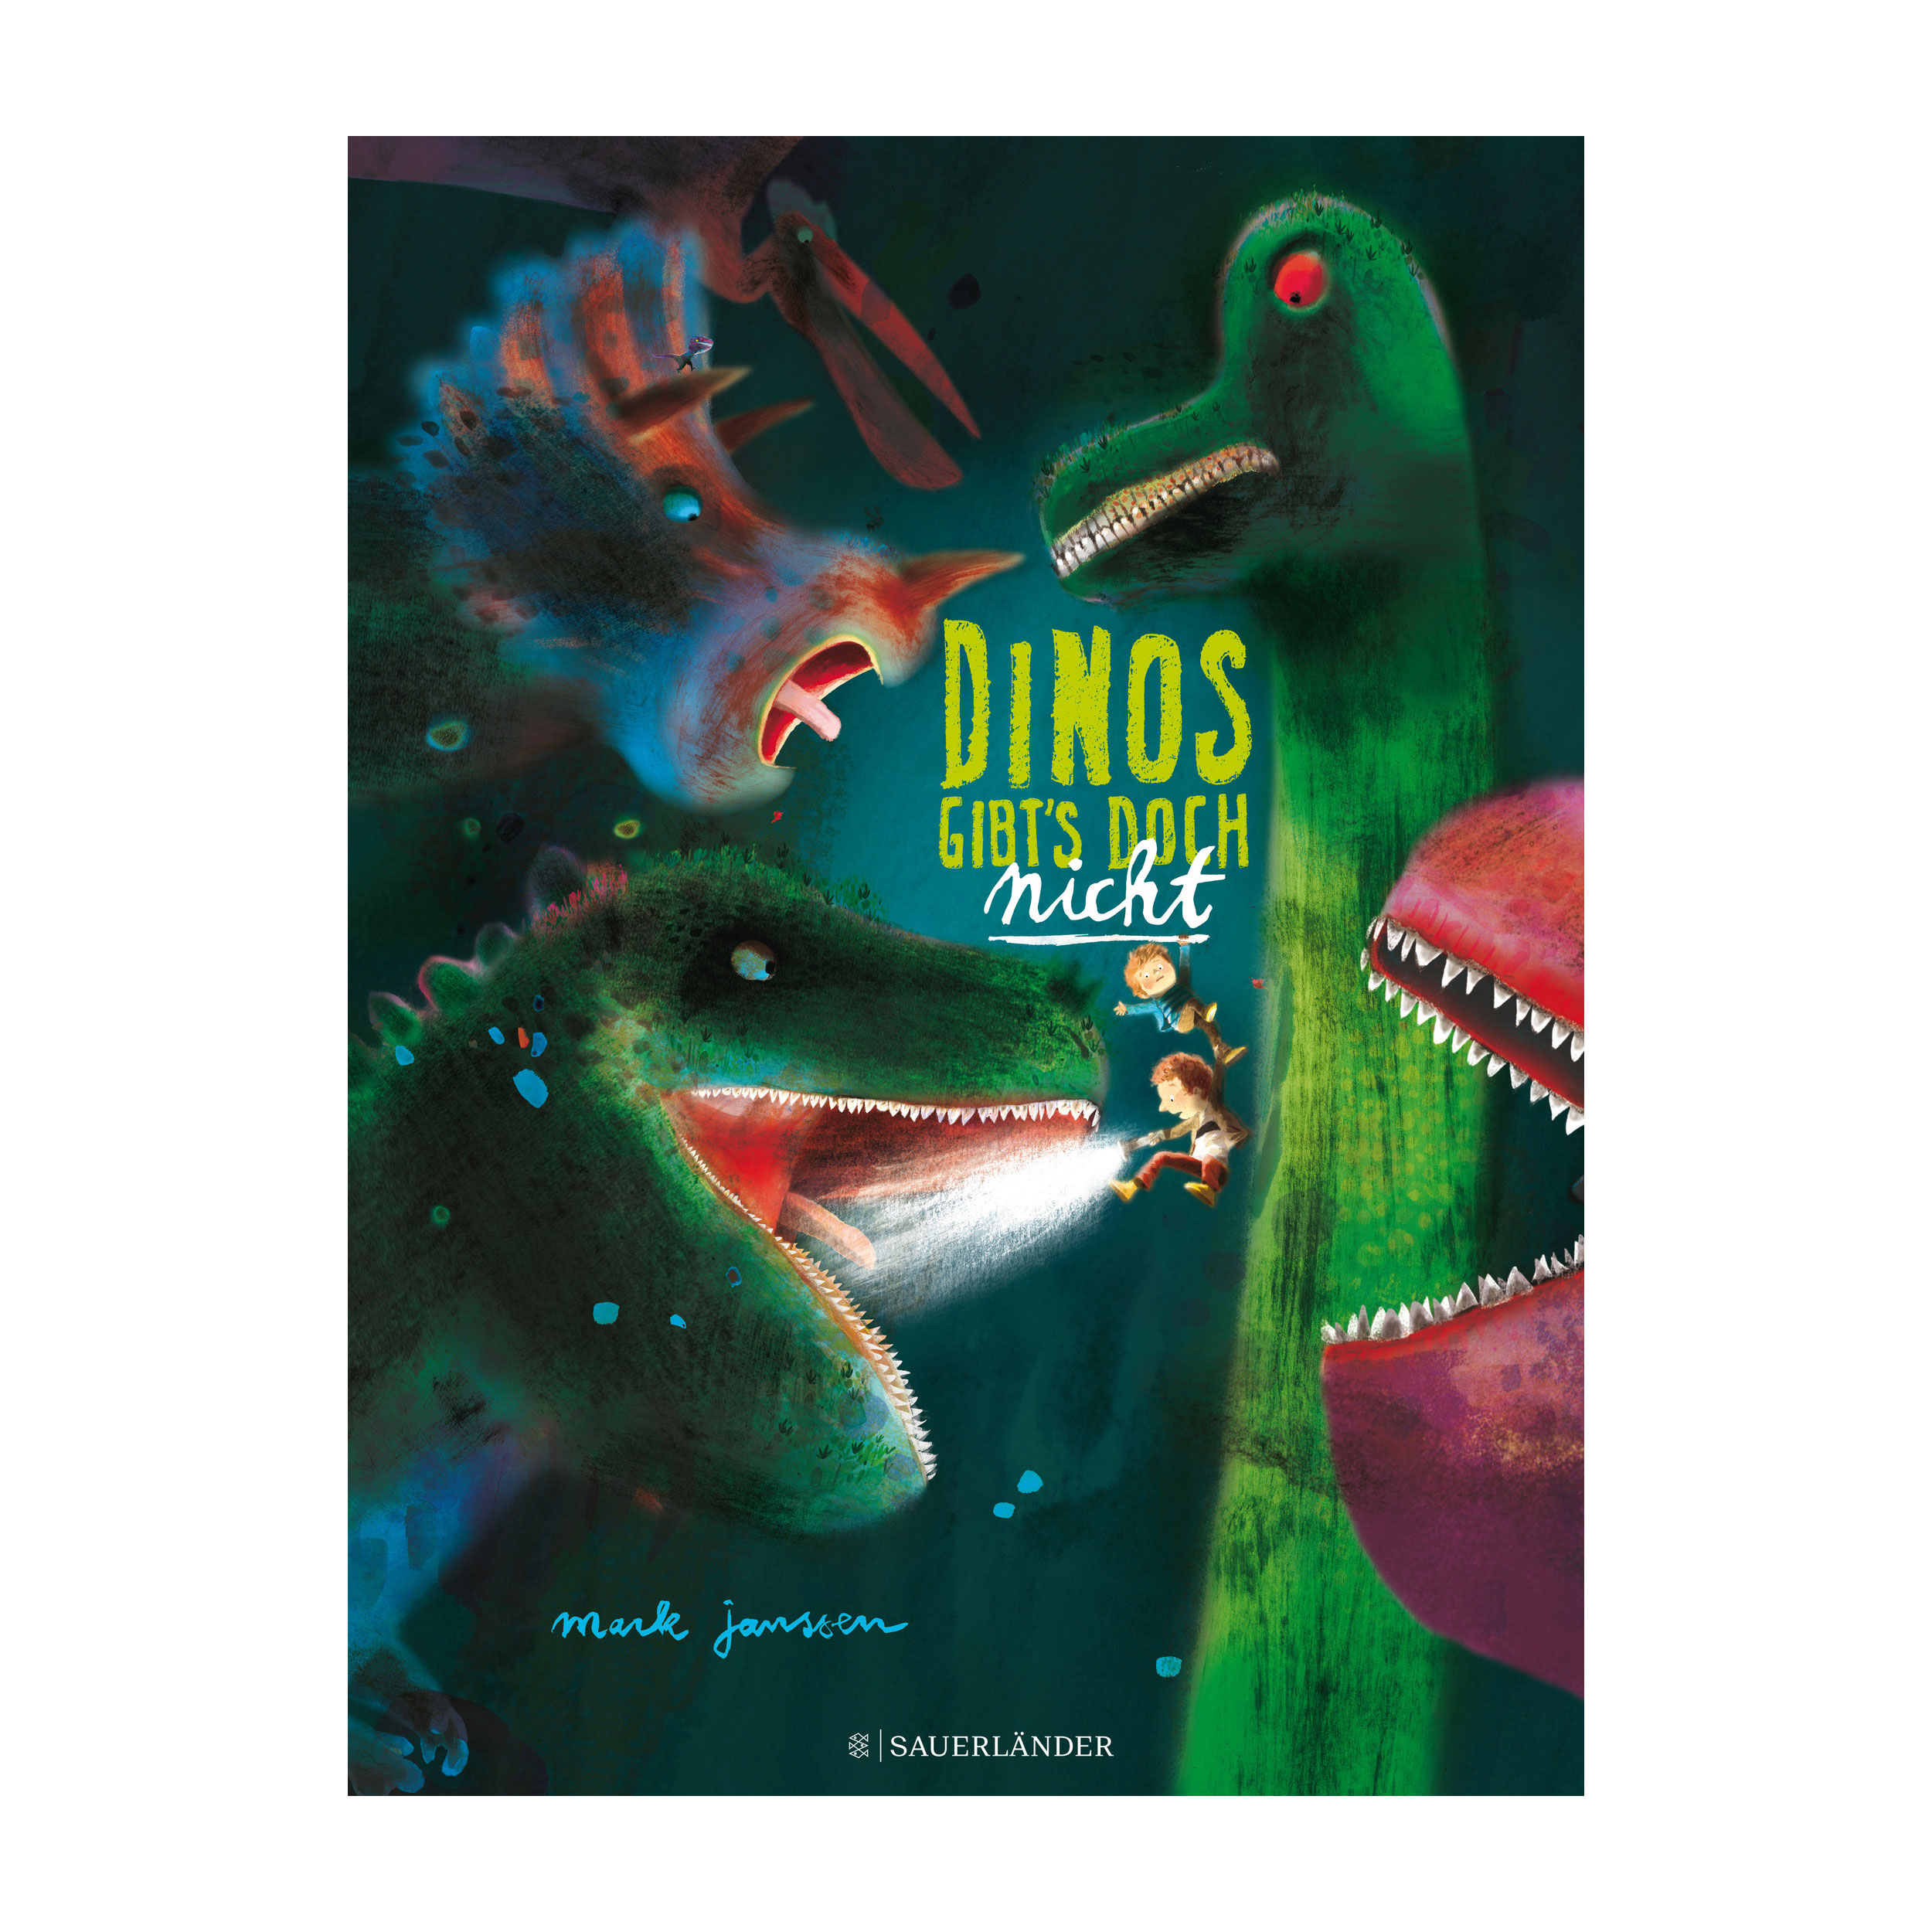 Dinos gibt's doch nicht ab 4J.